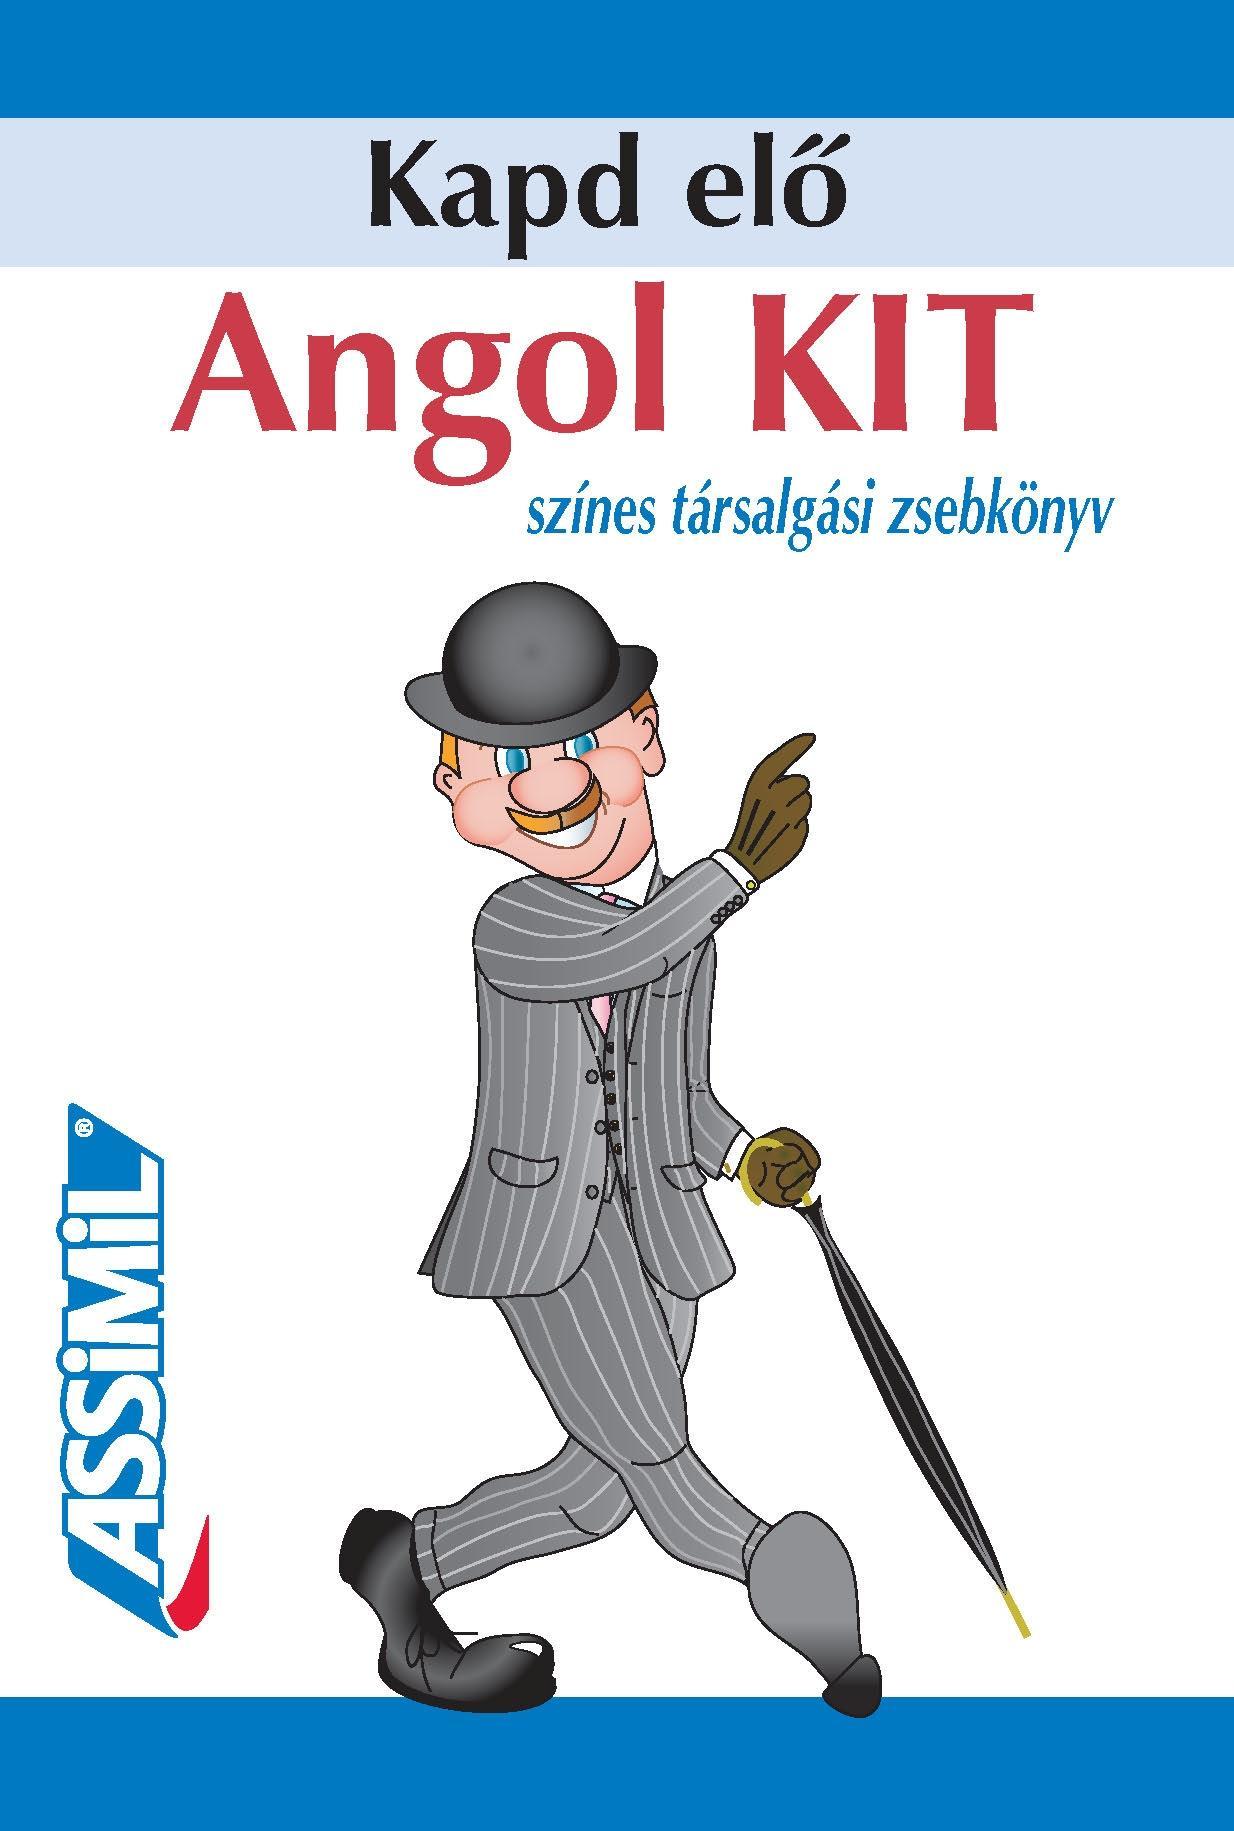 ANGOL KIT - KAPD ELÕ, SZÍNES TÁRSALGÁSI ZSEBKÖNYV